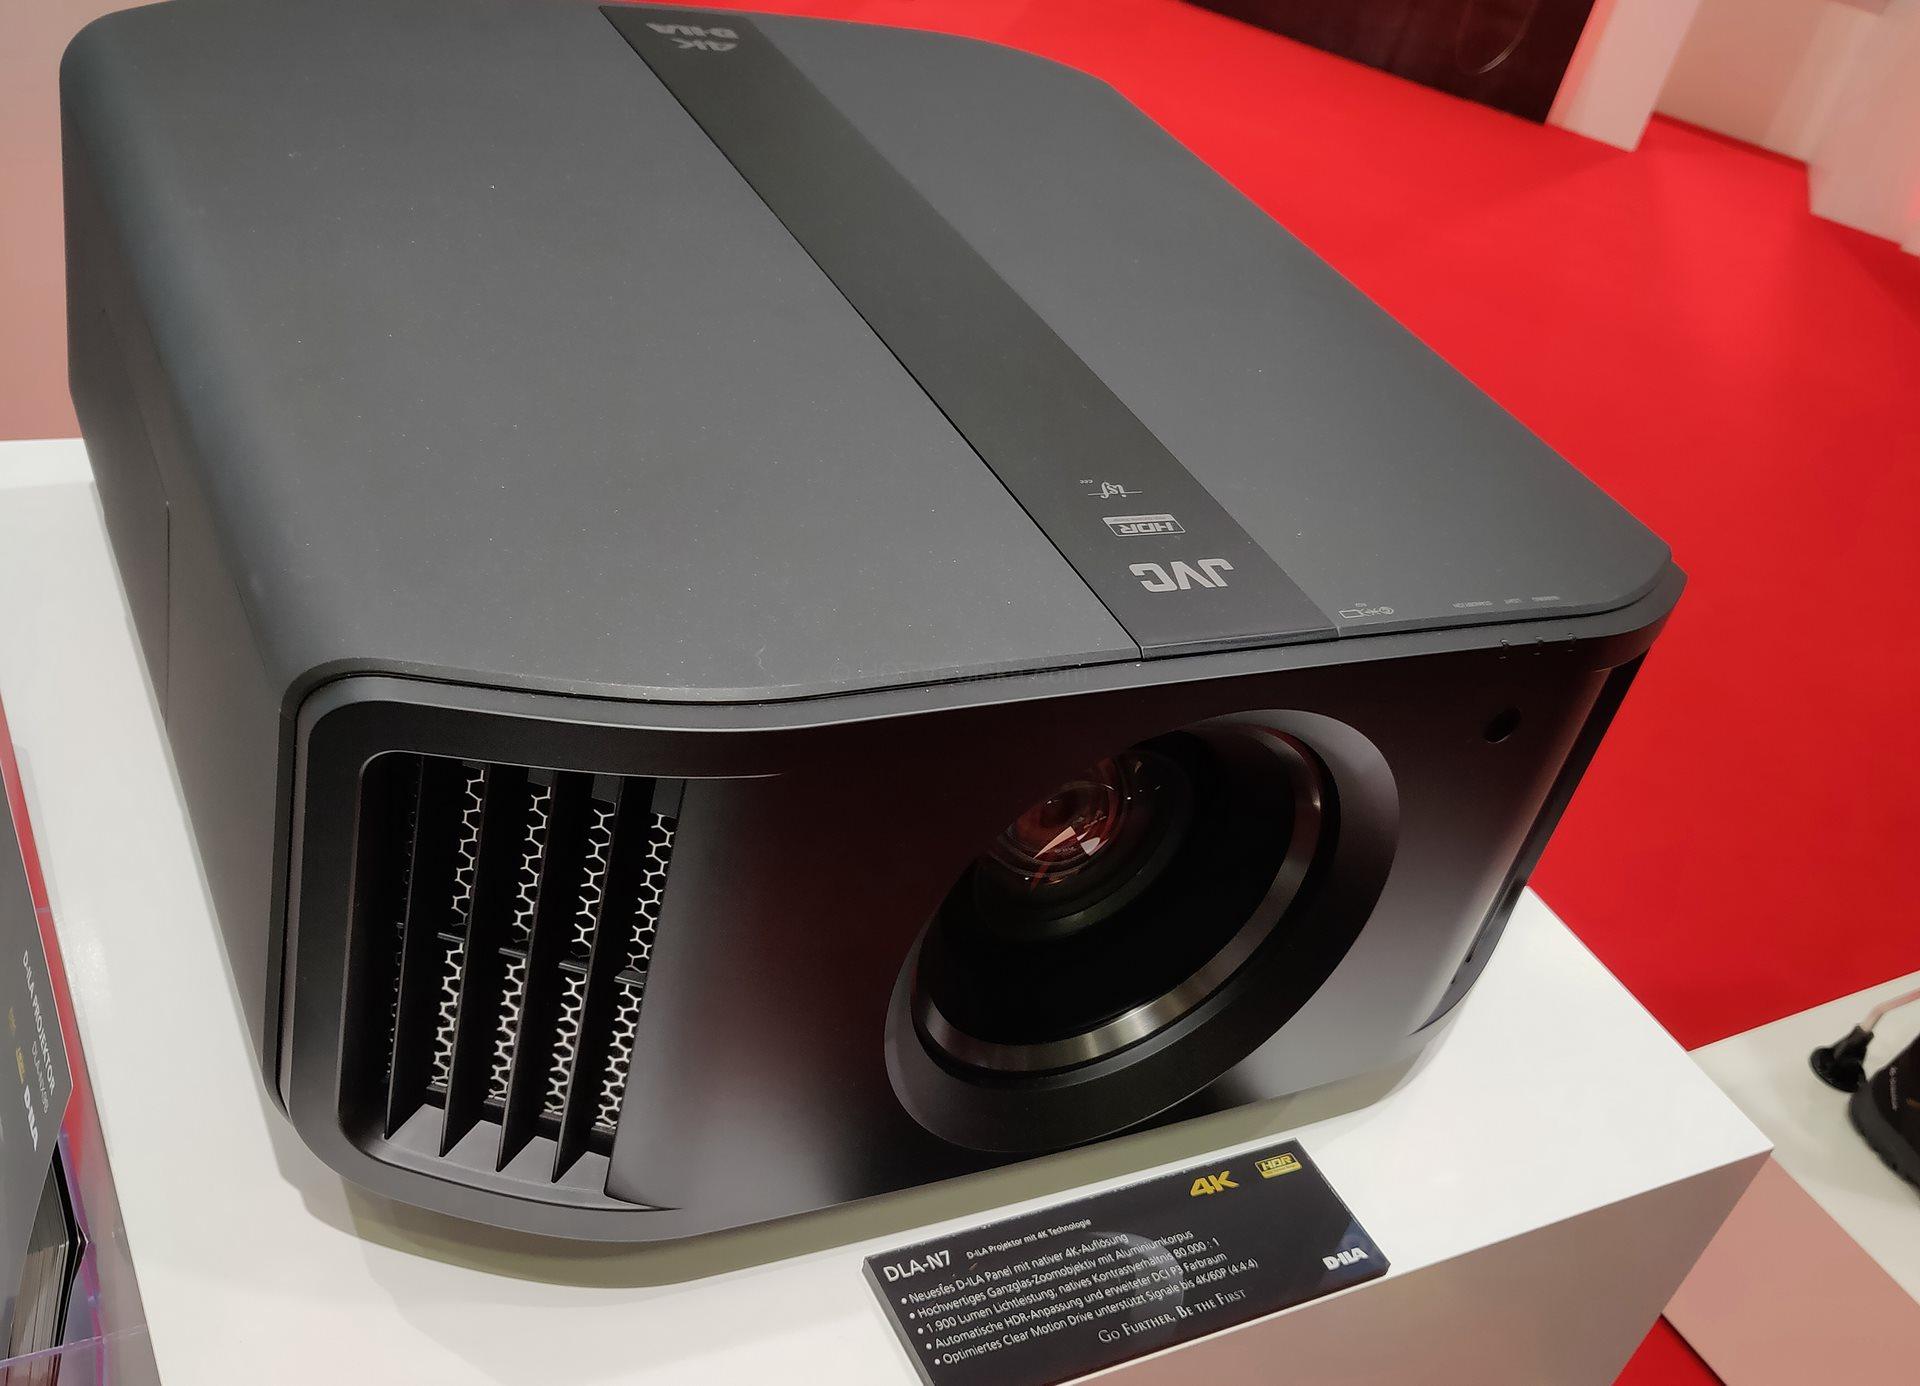 IFA 2018: Natywne 4K w projektorach JVC 2018 | ZAPOWIEDŹ | DLA-N5, DLA-N7 i DLA-NX9 8K e-shift